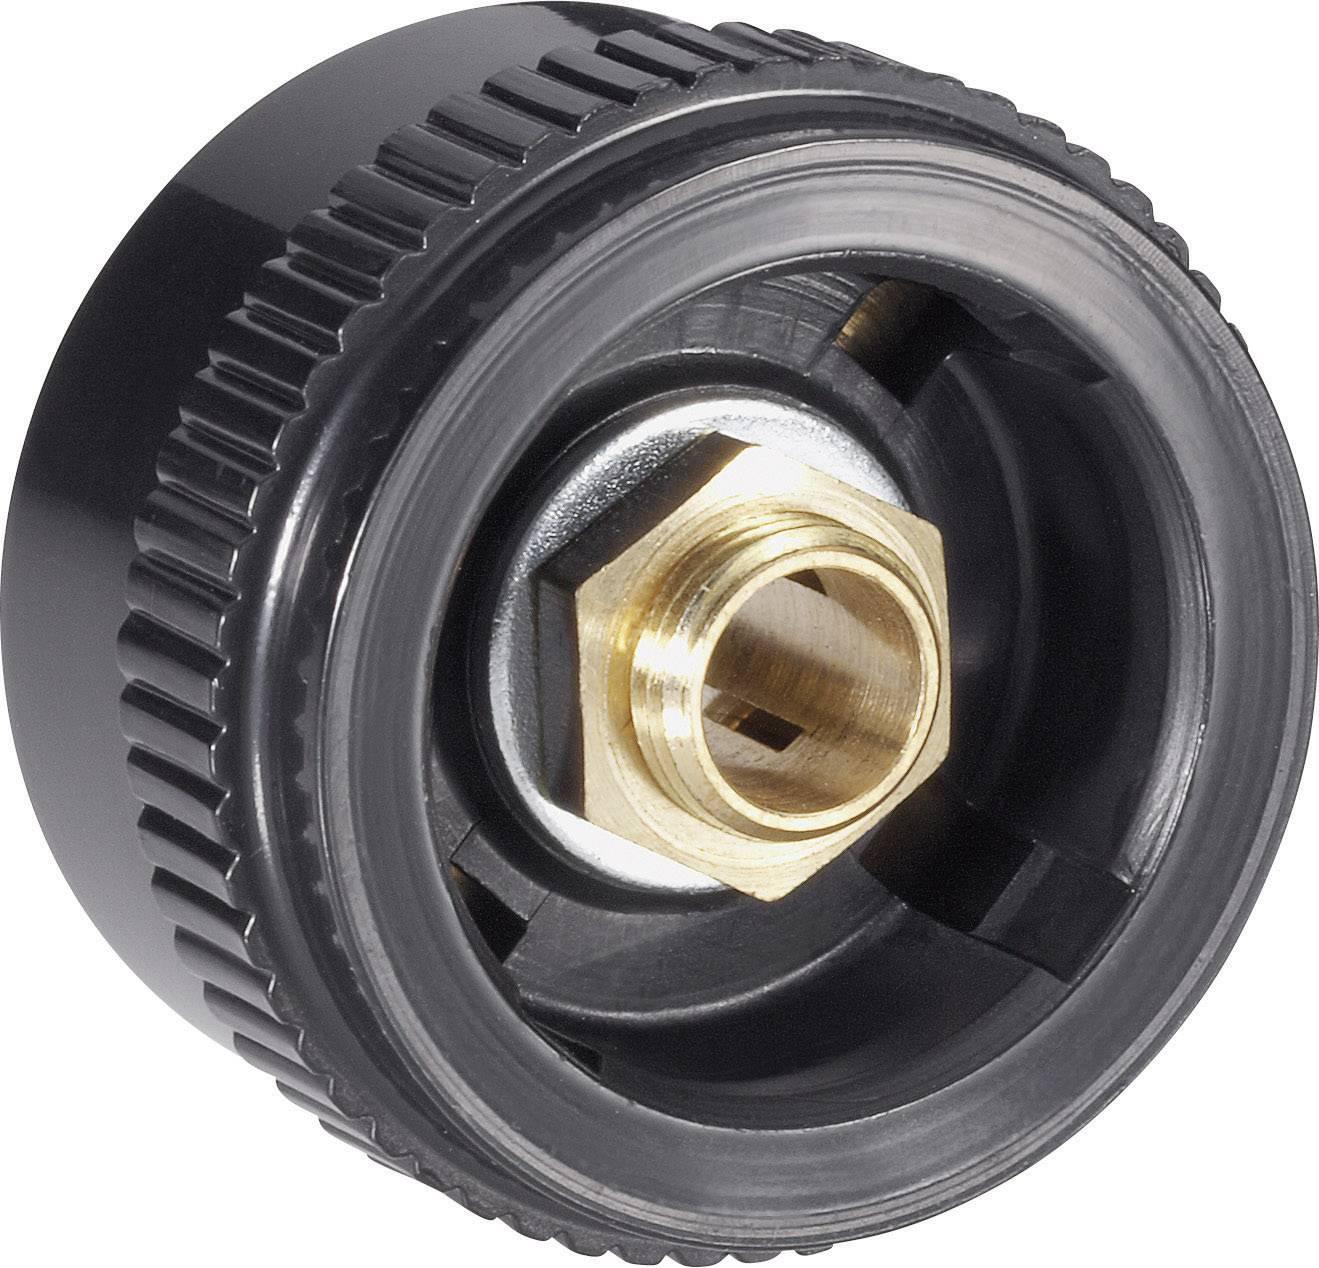 Ryhovaný gombík Mentor 4133.603, (Ø x v) 28 mm x 17 mm, čierna, 1 ks